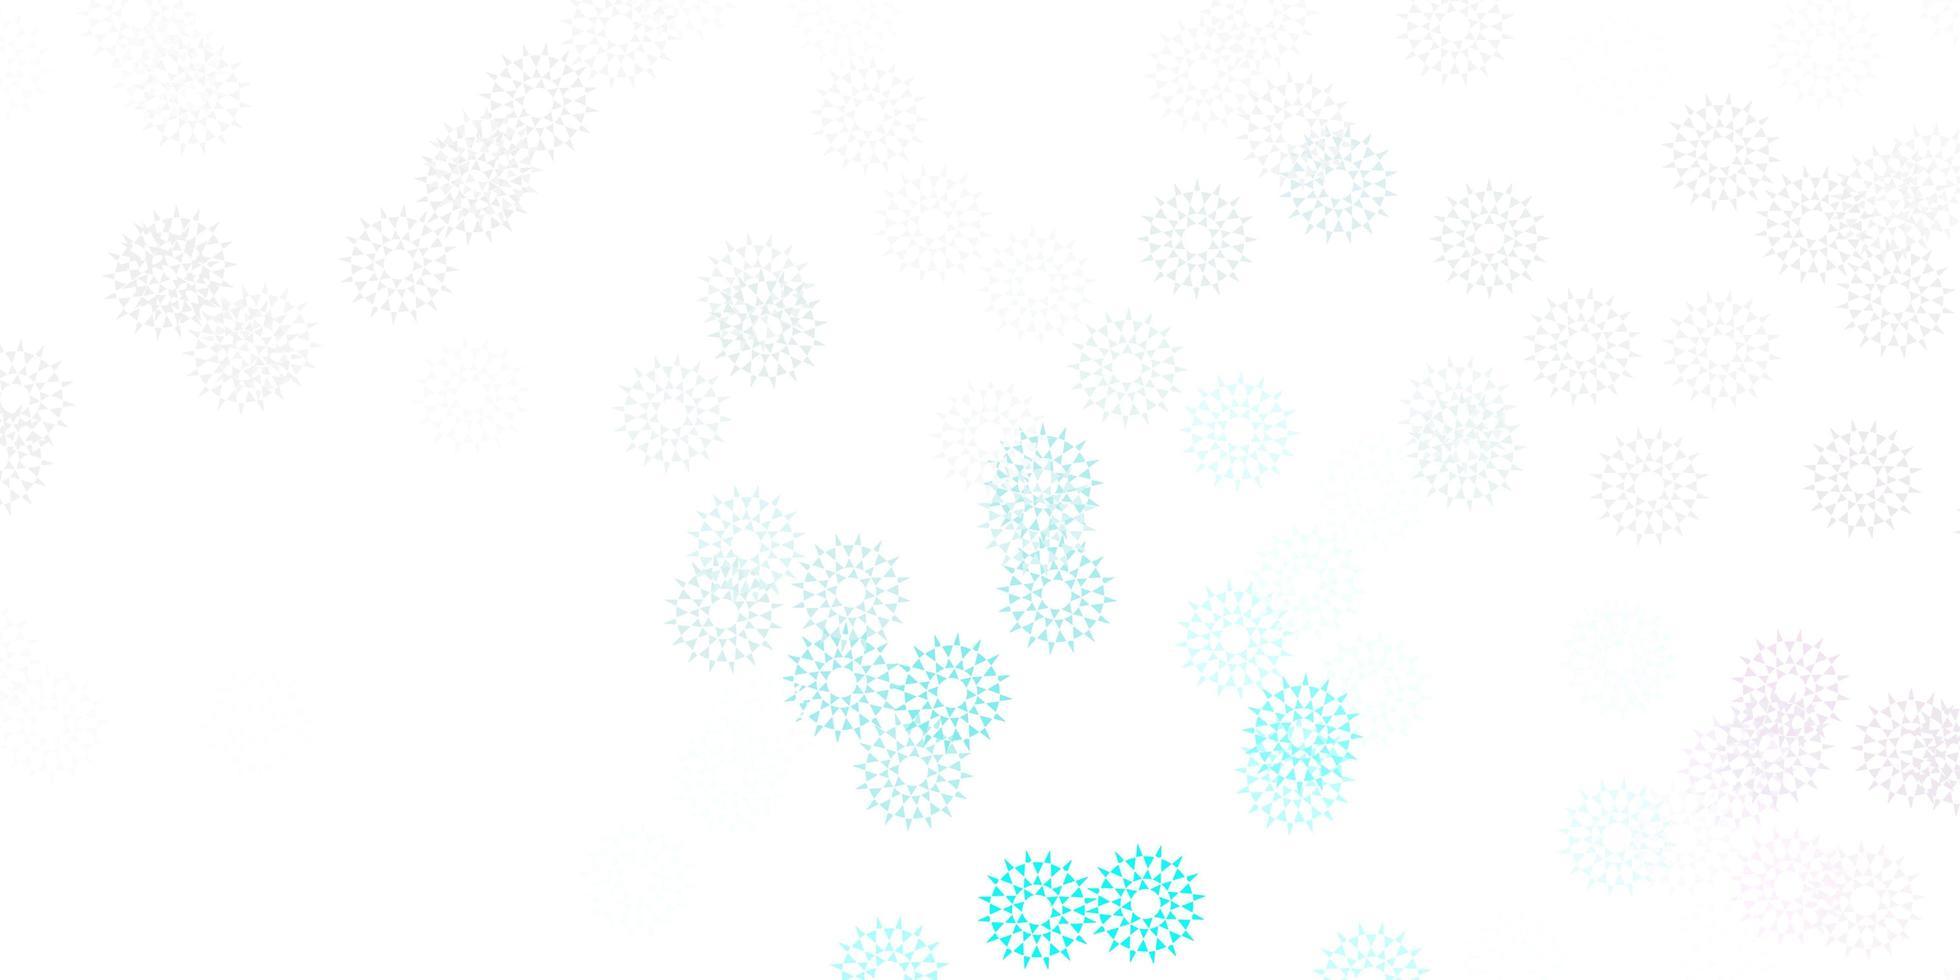 Fondo de doodle de vector rosa claro, azul con flores.